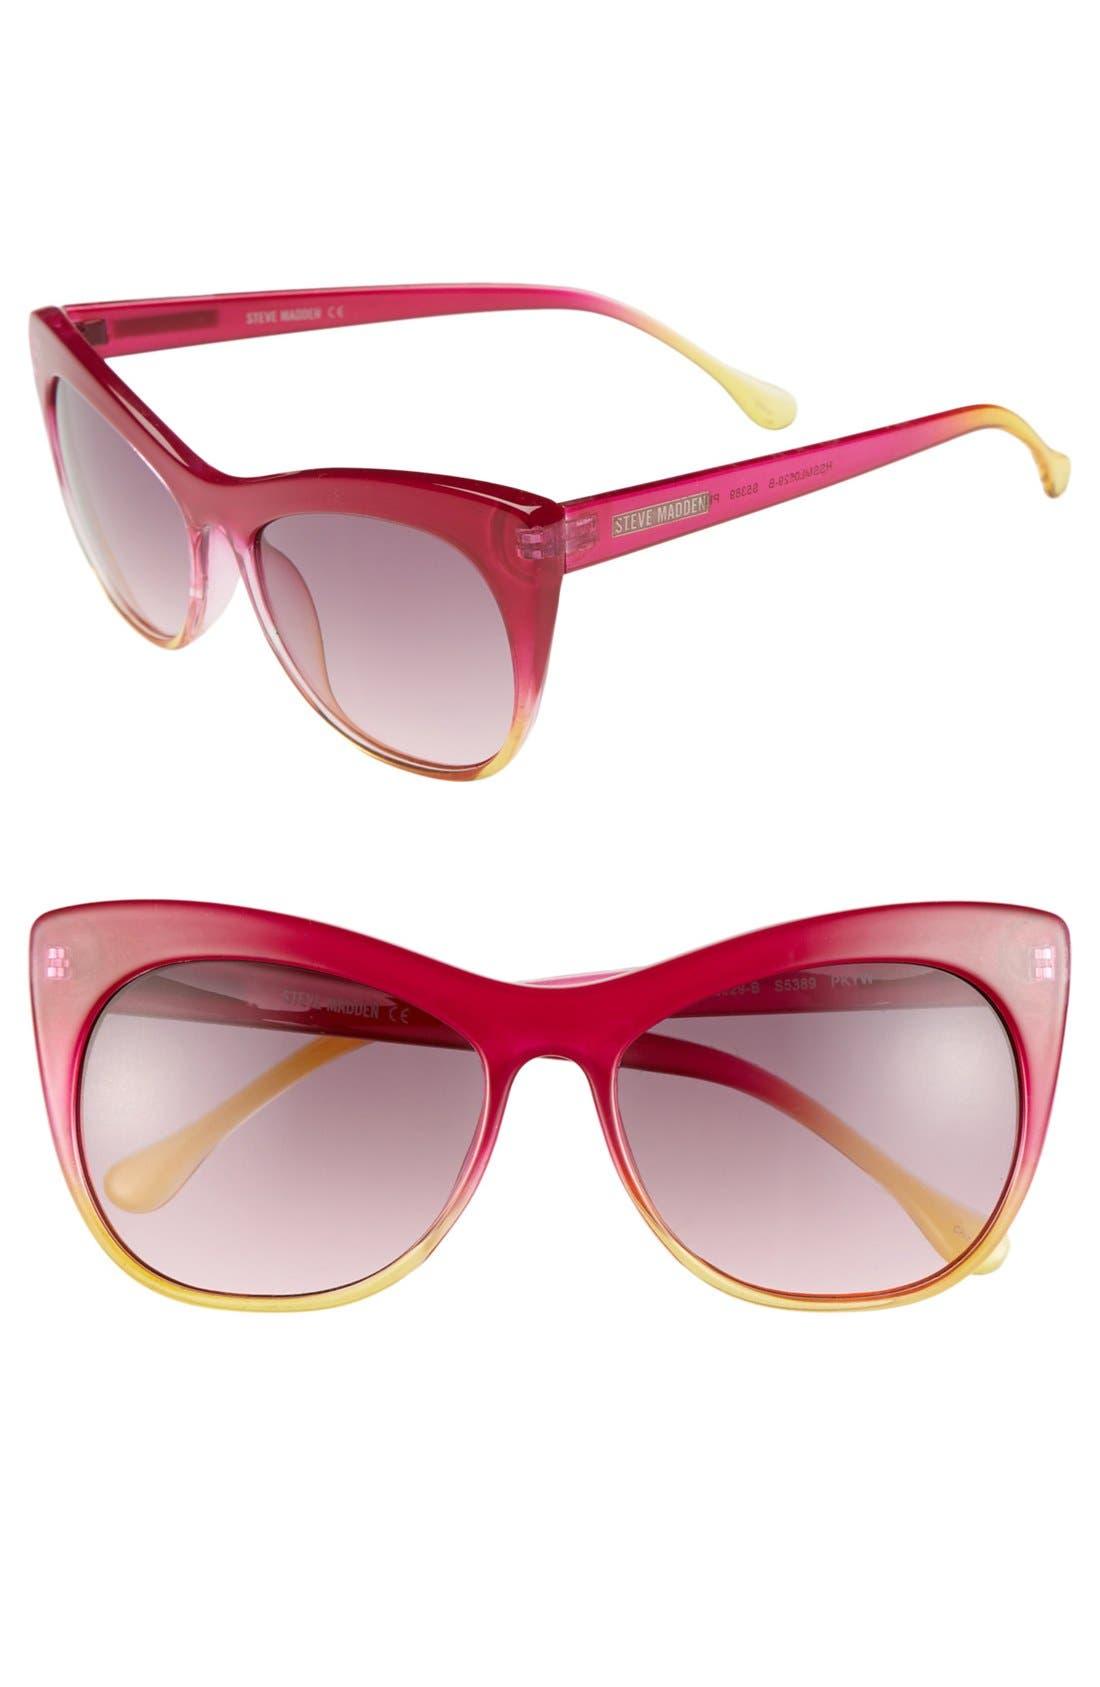 Main Image - Steve Madden 55mm Cat Eye Sunglasses